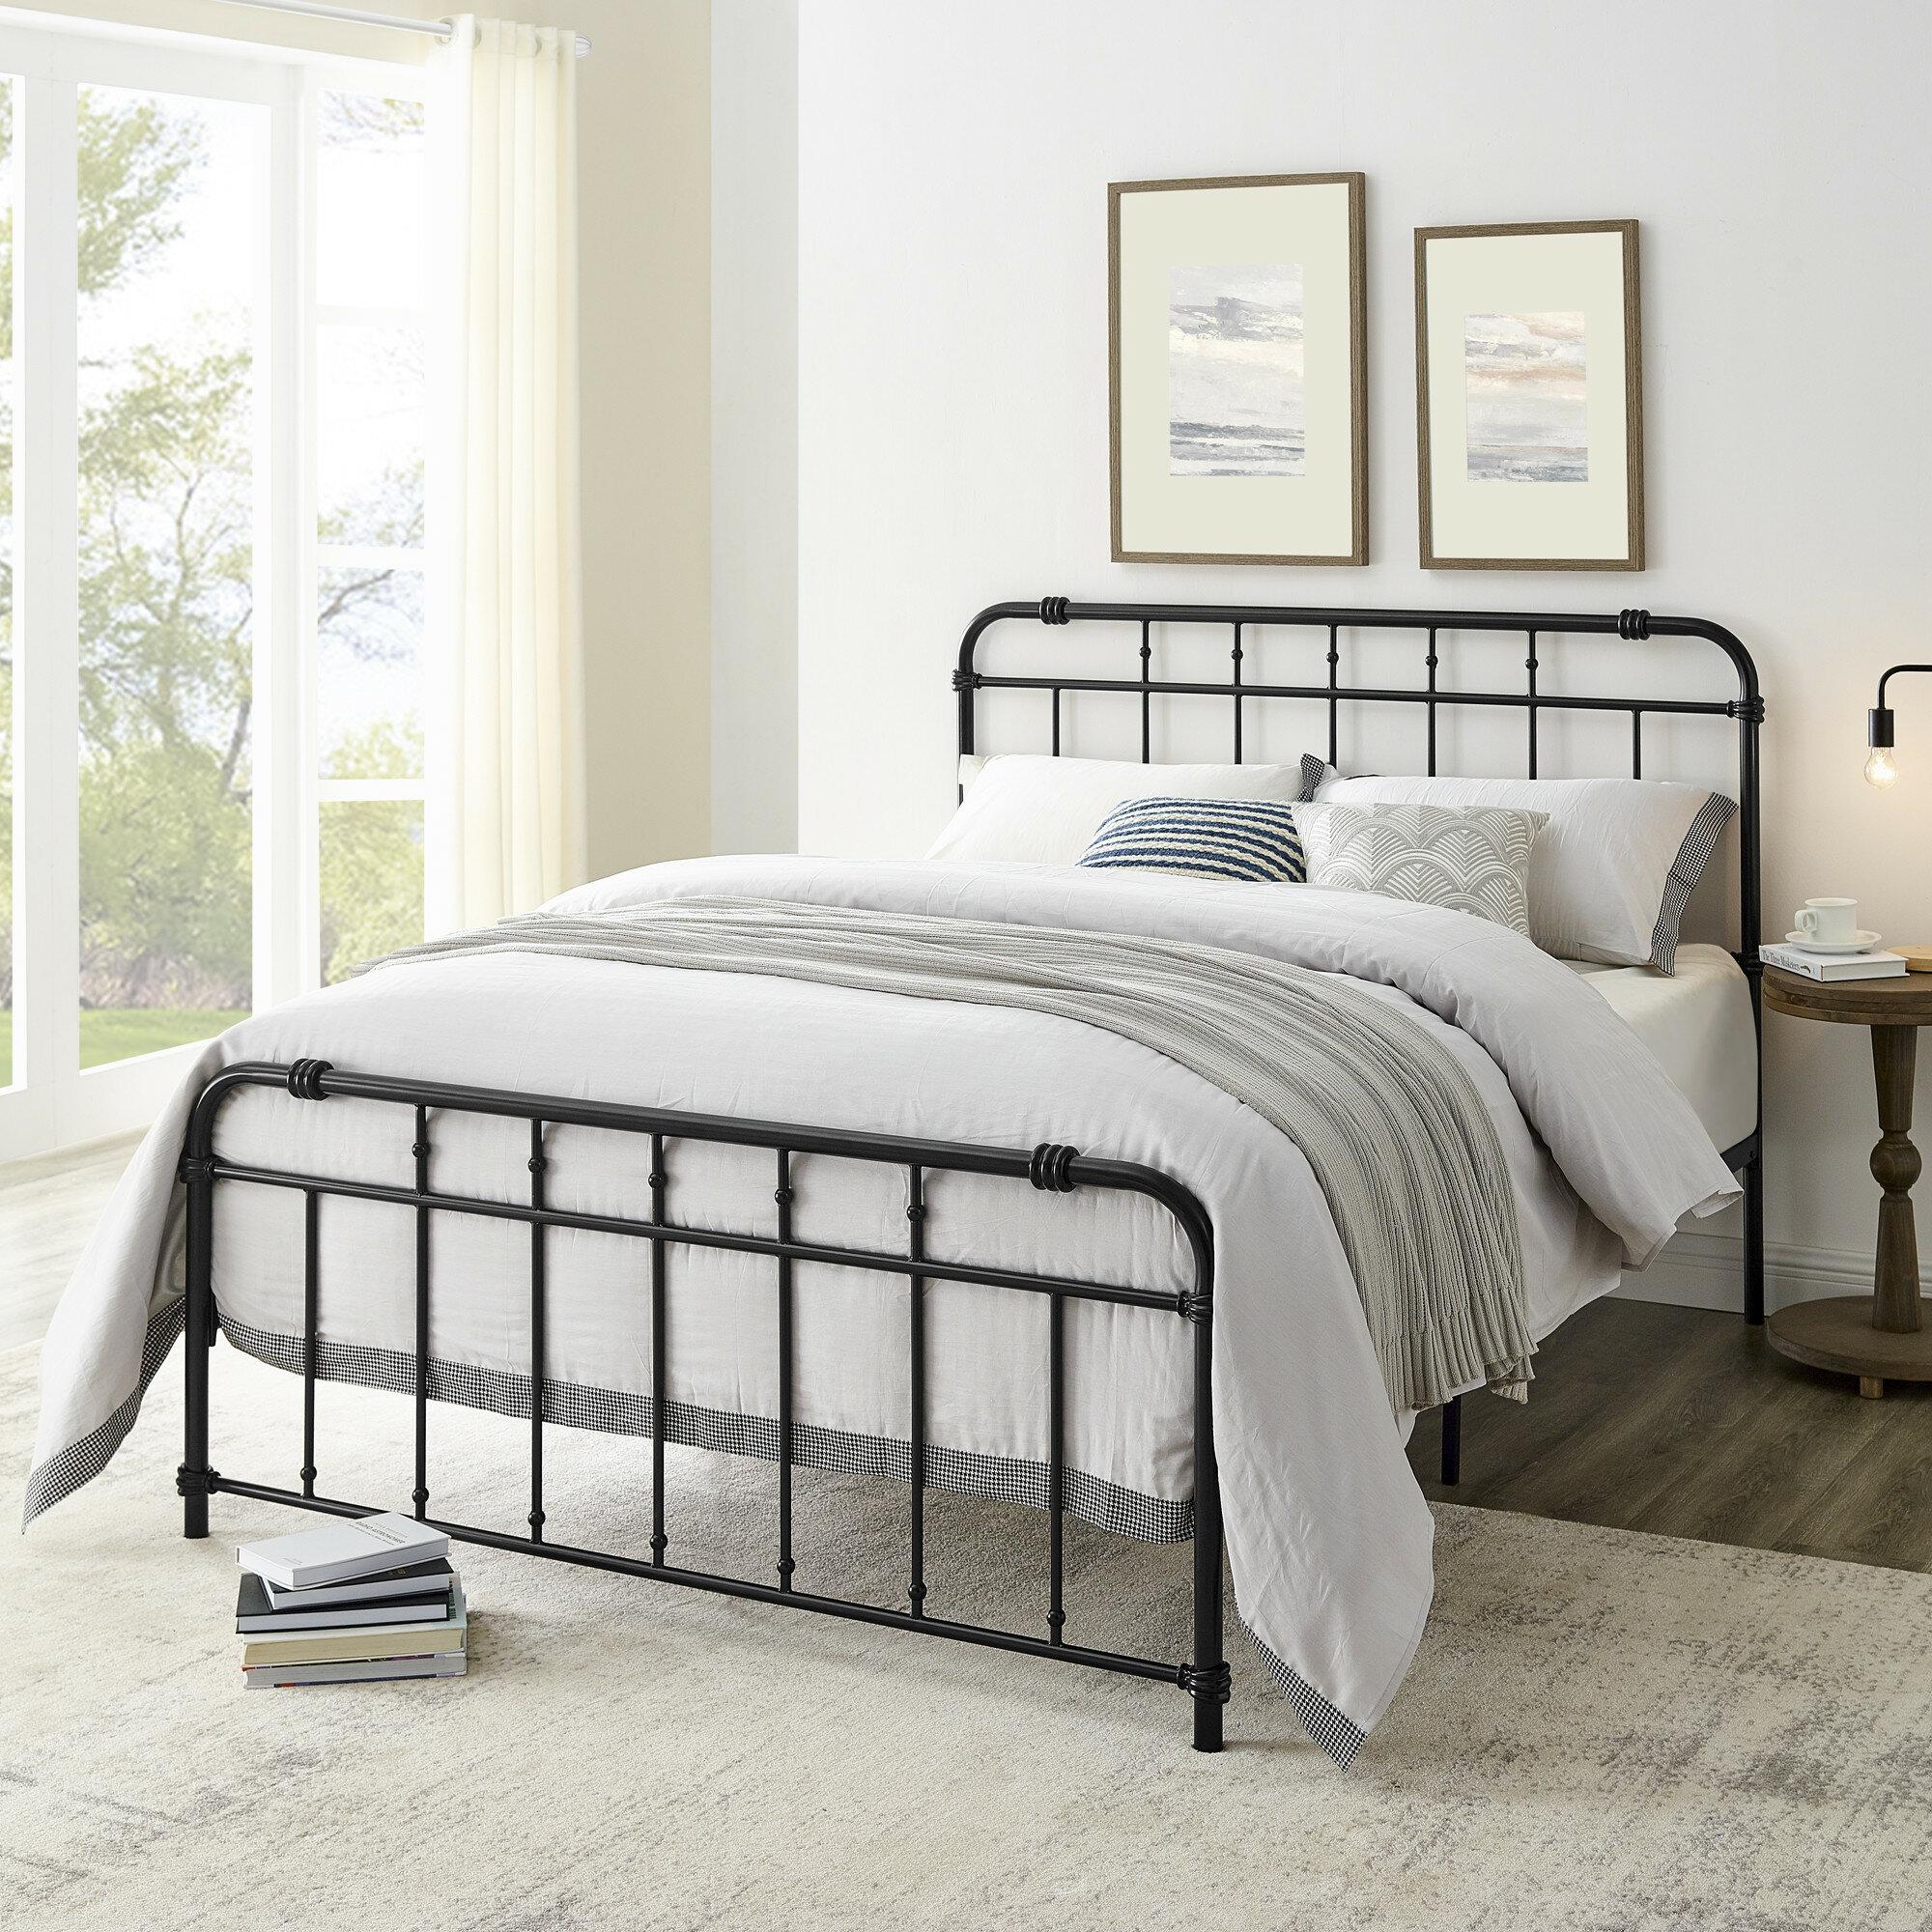 Alwyn Home Lisbeth Metal Bed Frame Reviews